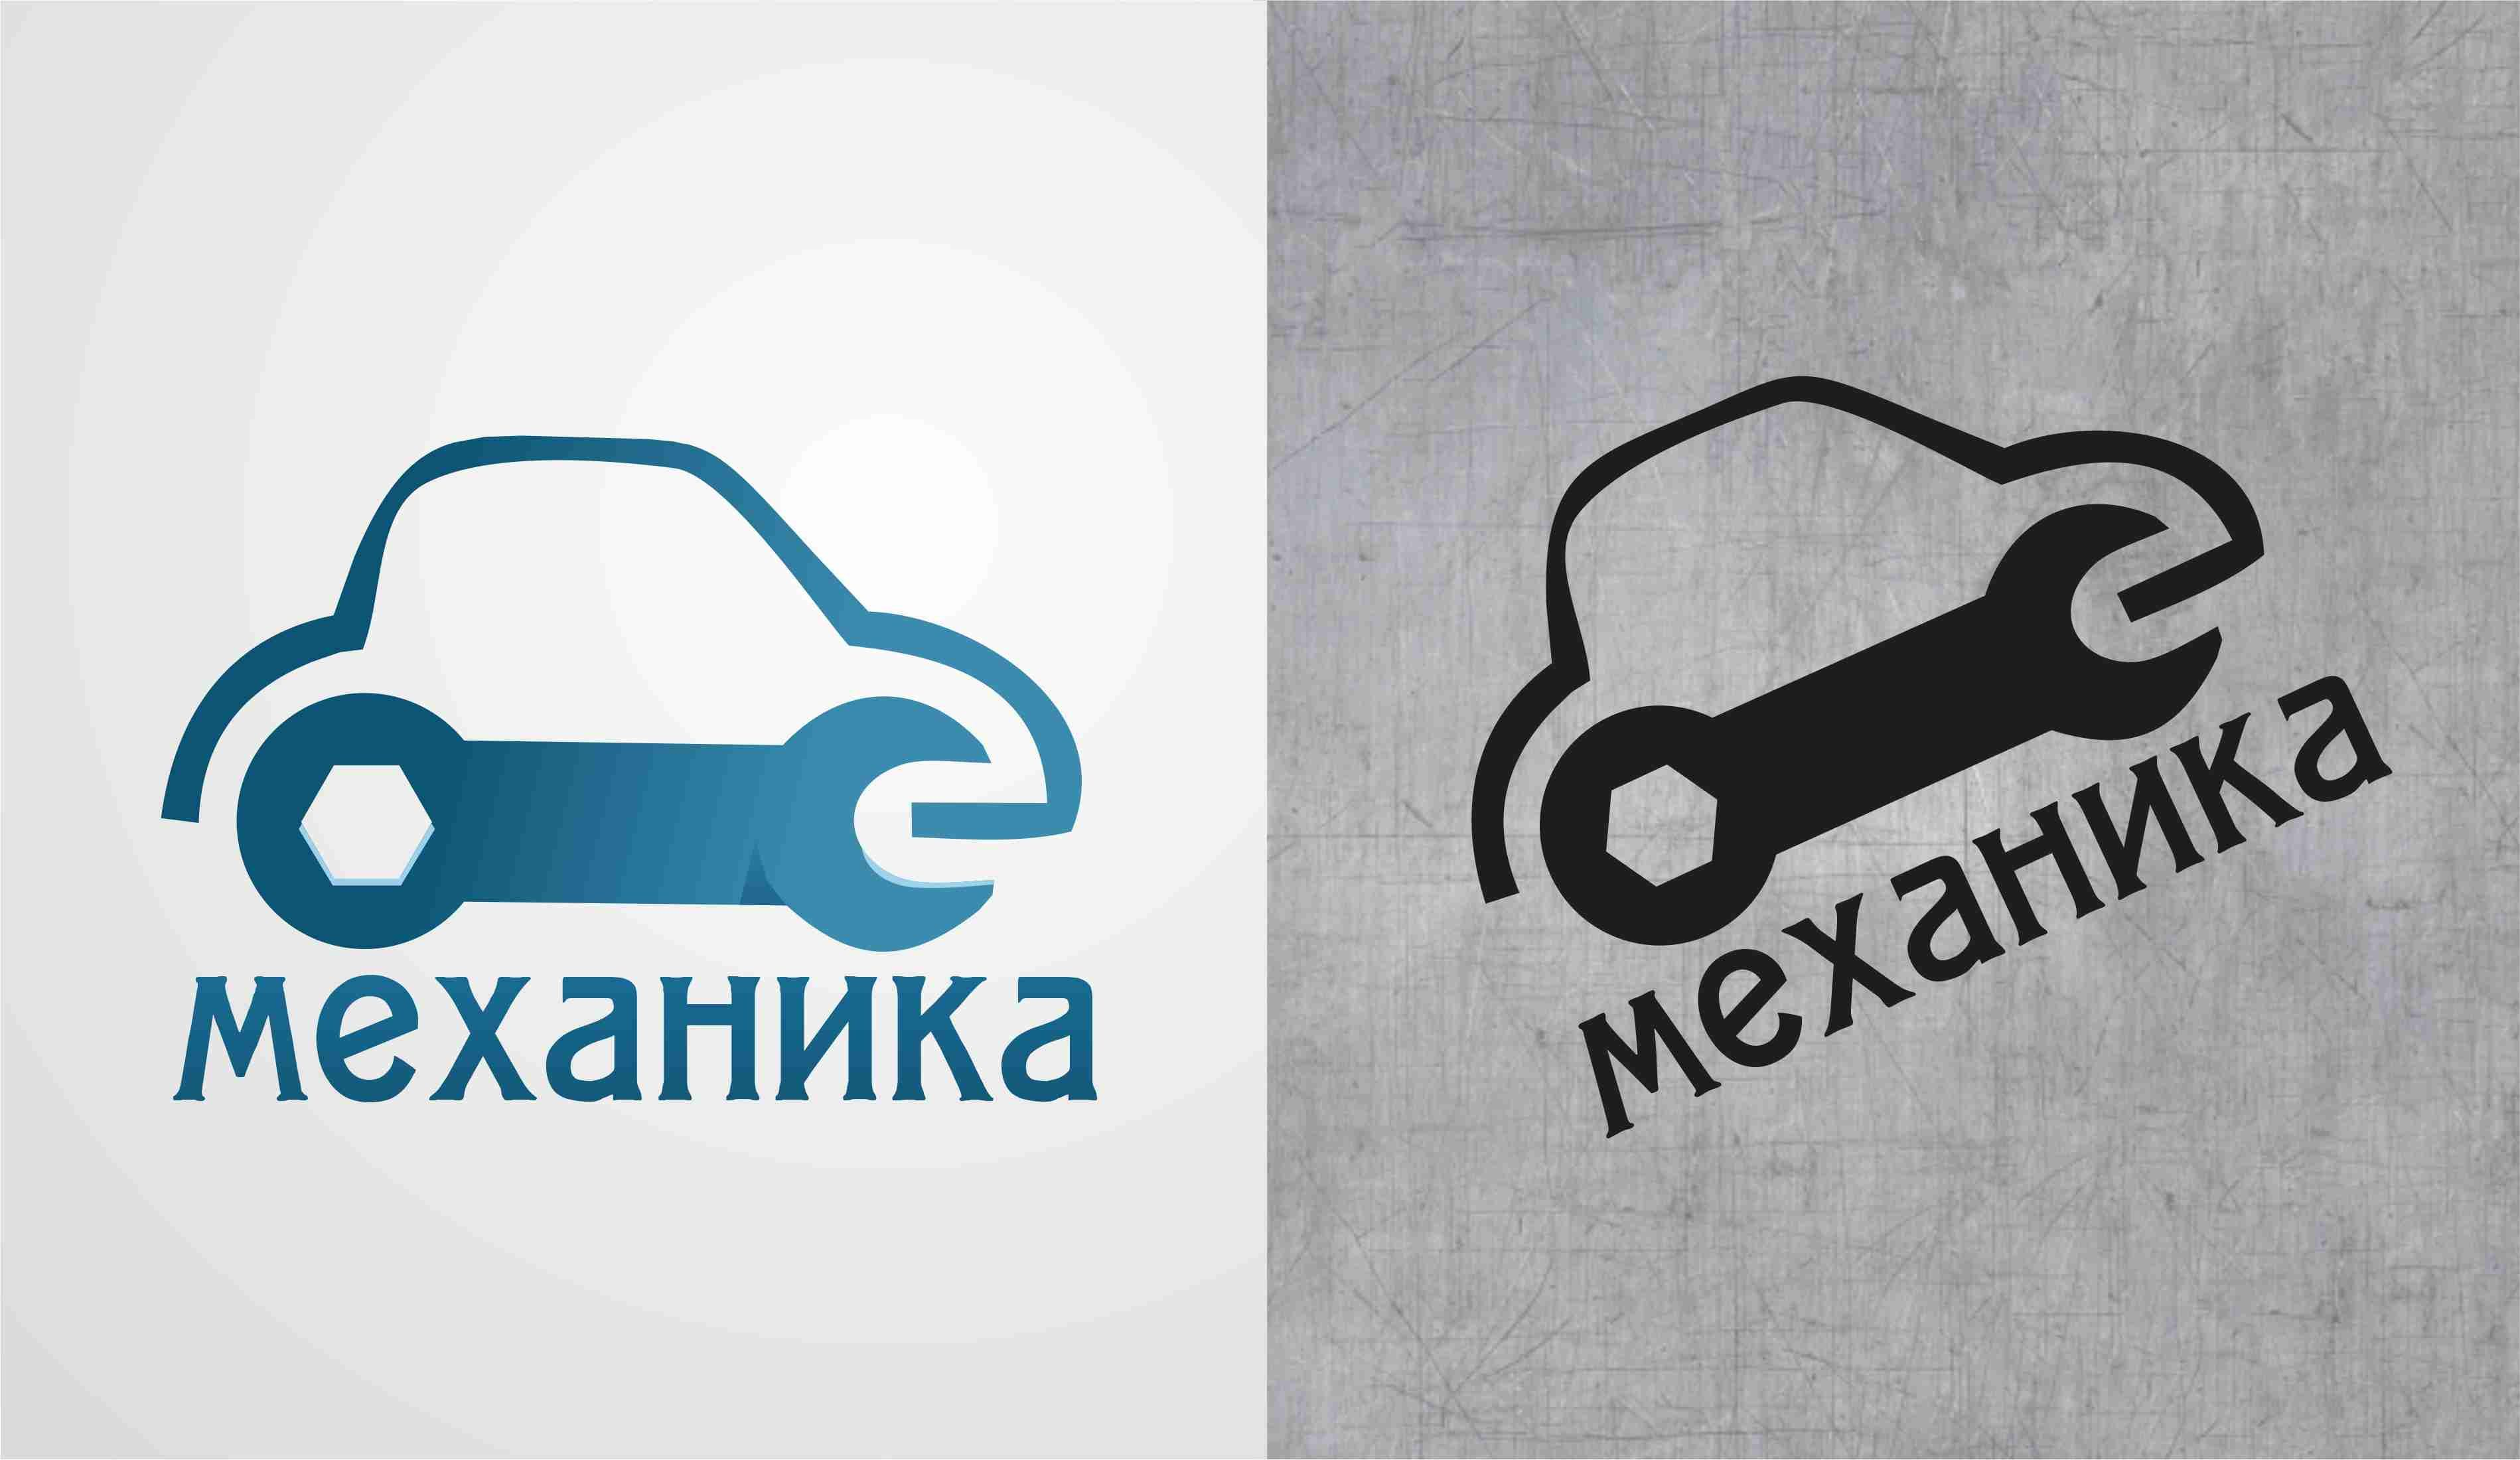 Логотип для магазина автозапчасти 'Механика' - дизайнер SibgatuLLina